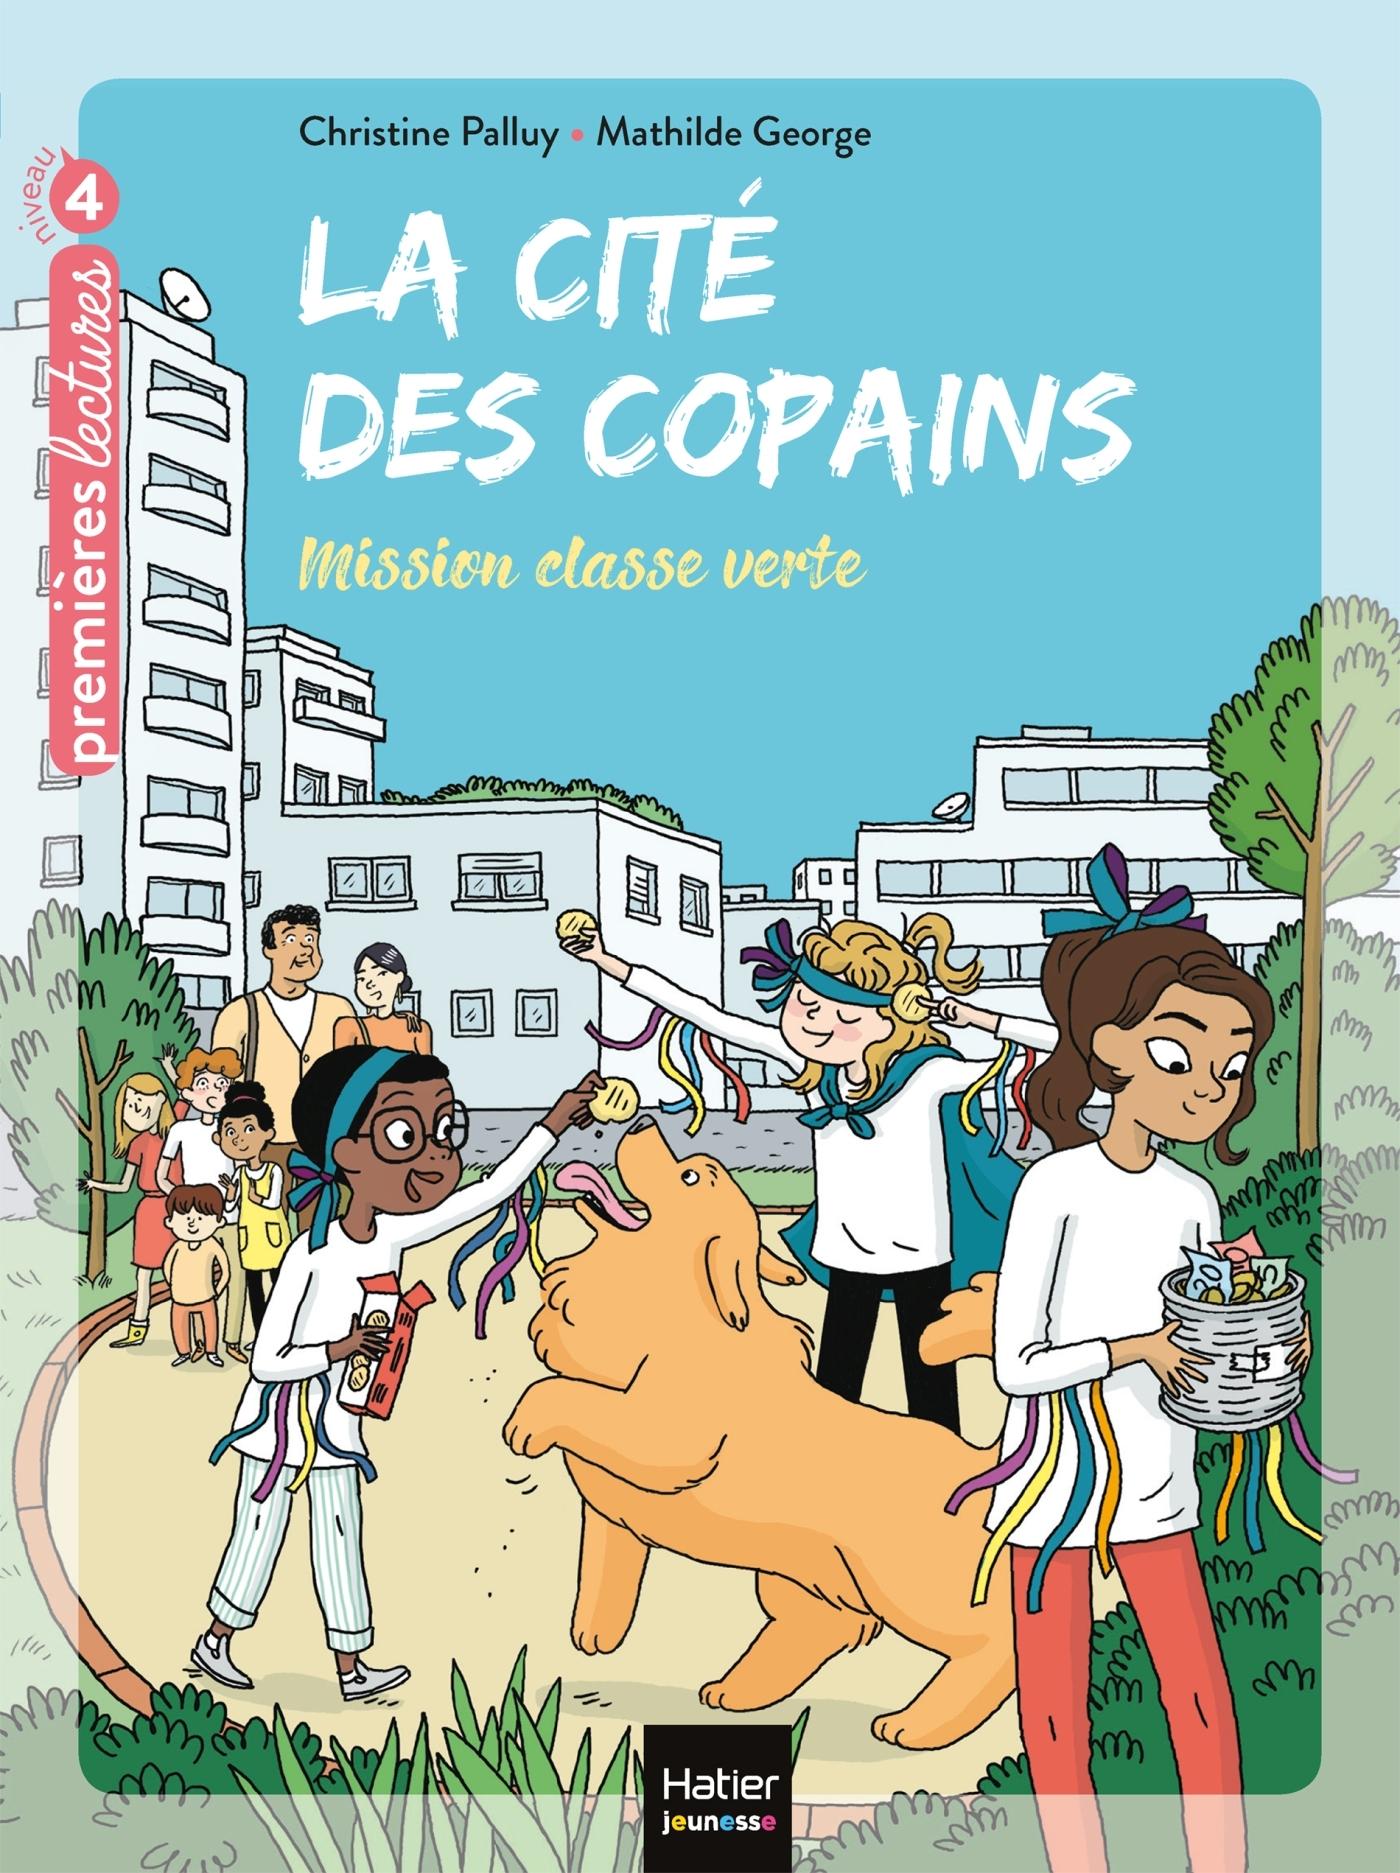 LA CITE DES COPAINS - T04 - MISSION CLASSE VERTE